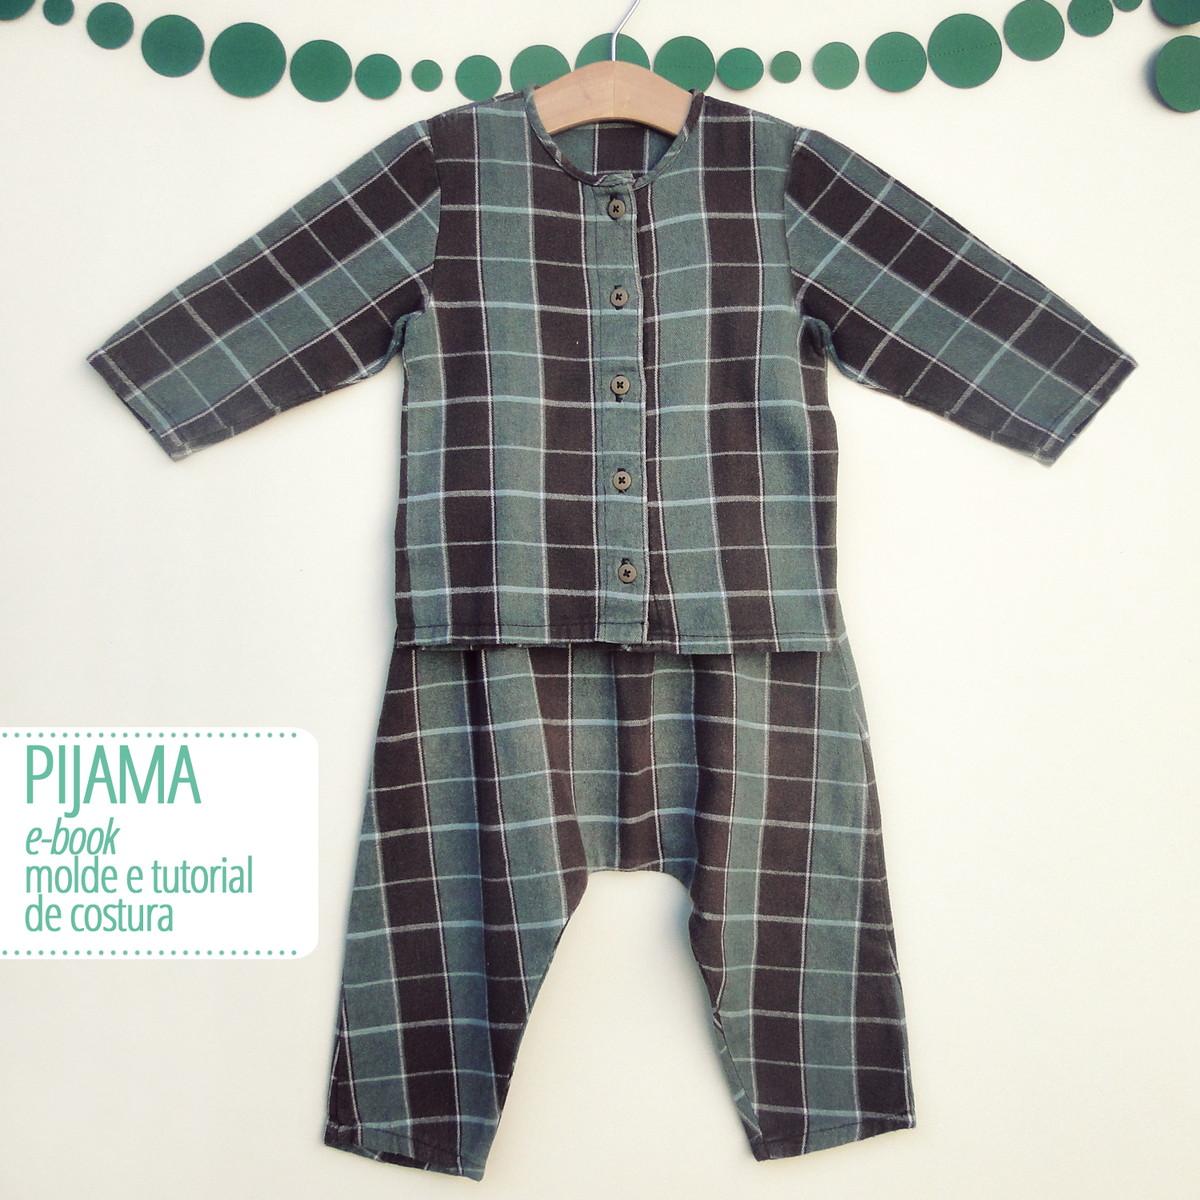 Pijama Infantil Pdf Digital Molde E Tutorial No Elo7